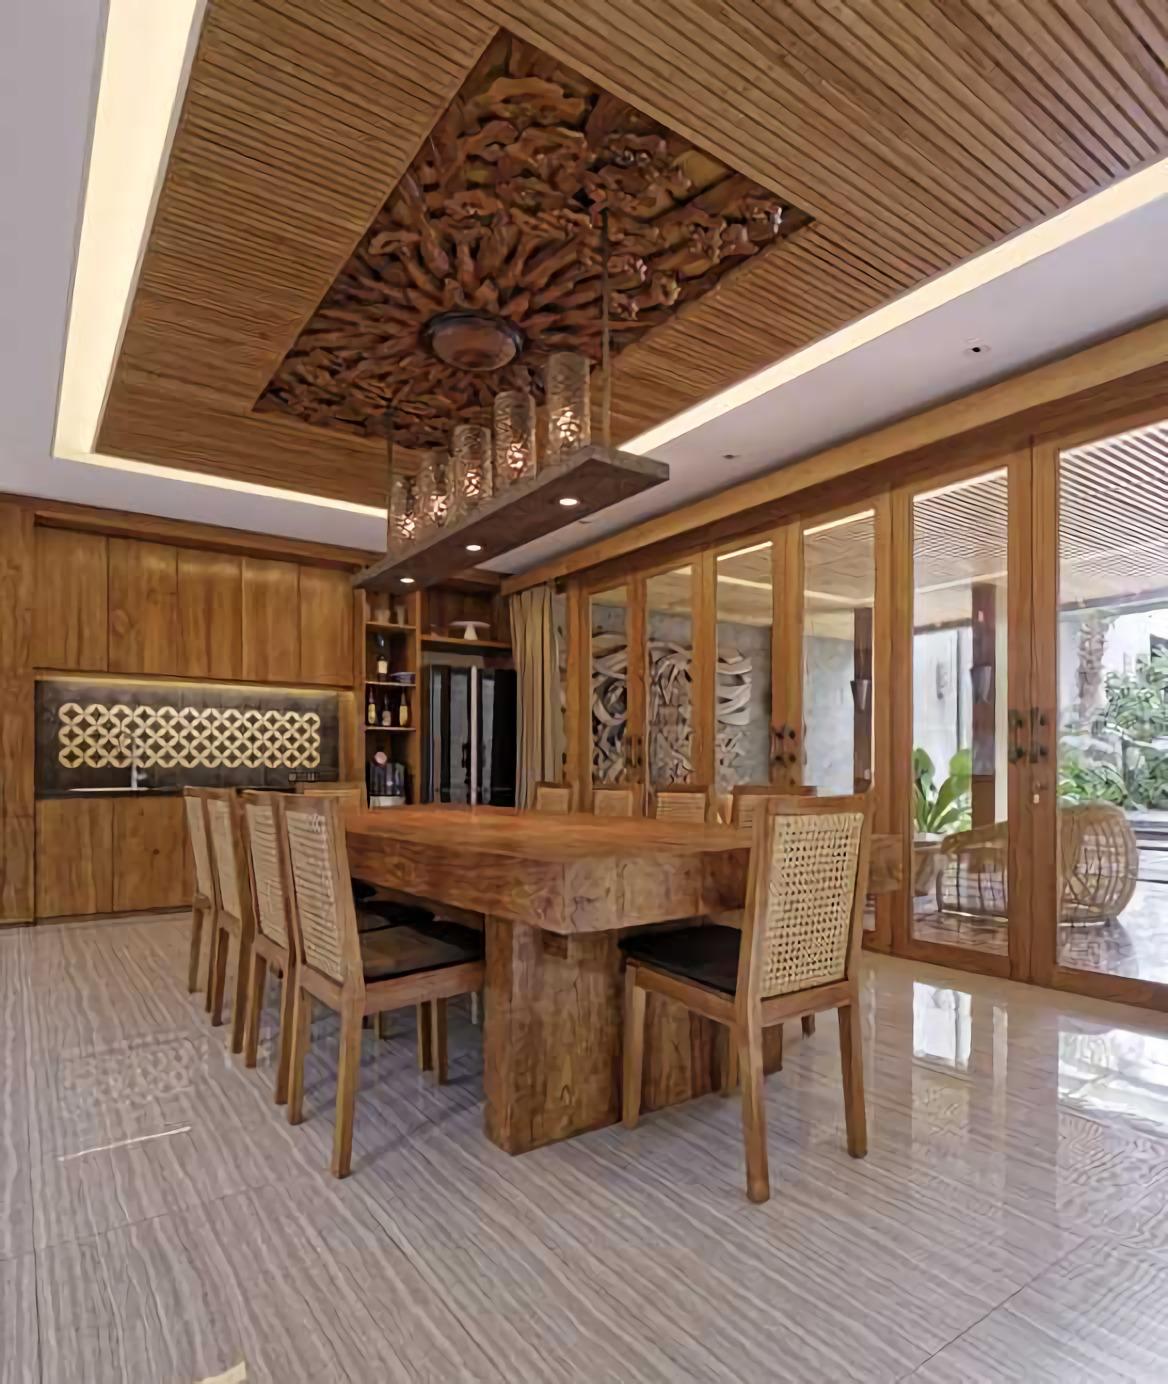 Omah Kawung dibangun di lahan seluas 1000 m2 di Jagakarsa, Jakarta Selatan dengan luas bangunan 650 m2. Sentuhan etnik tradisional pada gaya arsitektur rumah kontemporer, sudah terasa mulai tampilan eksterior-nya. Façade bangunan didominasi material alami kayu dan batu alam. Perpaduan unsur alam dengan material logam, seperti baja dan tembaga, menjadikan Omah Kawung hunian modern yang mempesona. Keindahan tampilan façadenya yang eksotik membuat rumah ini tampak seperti sebuah resort yang sangat nyaman.